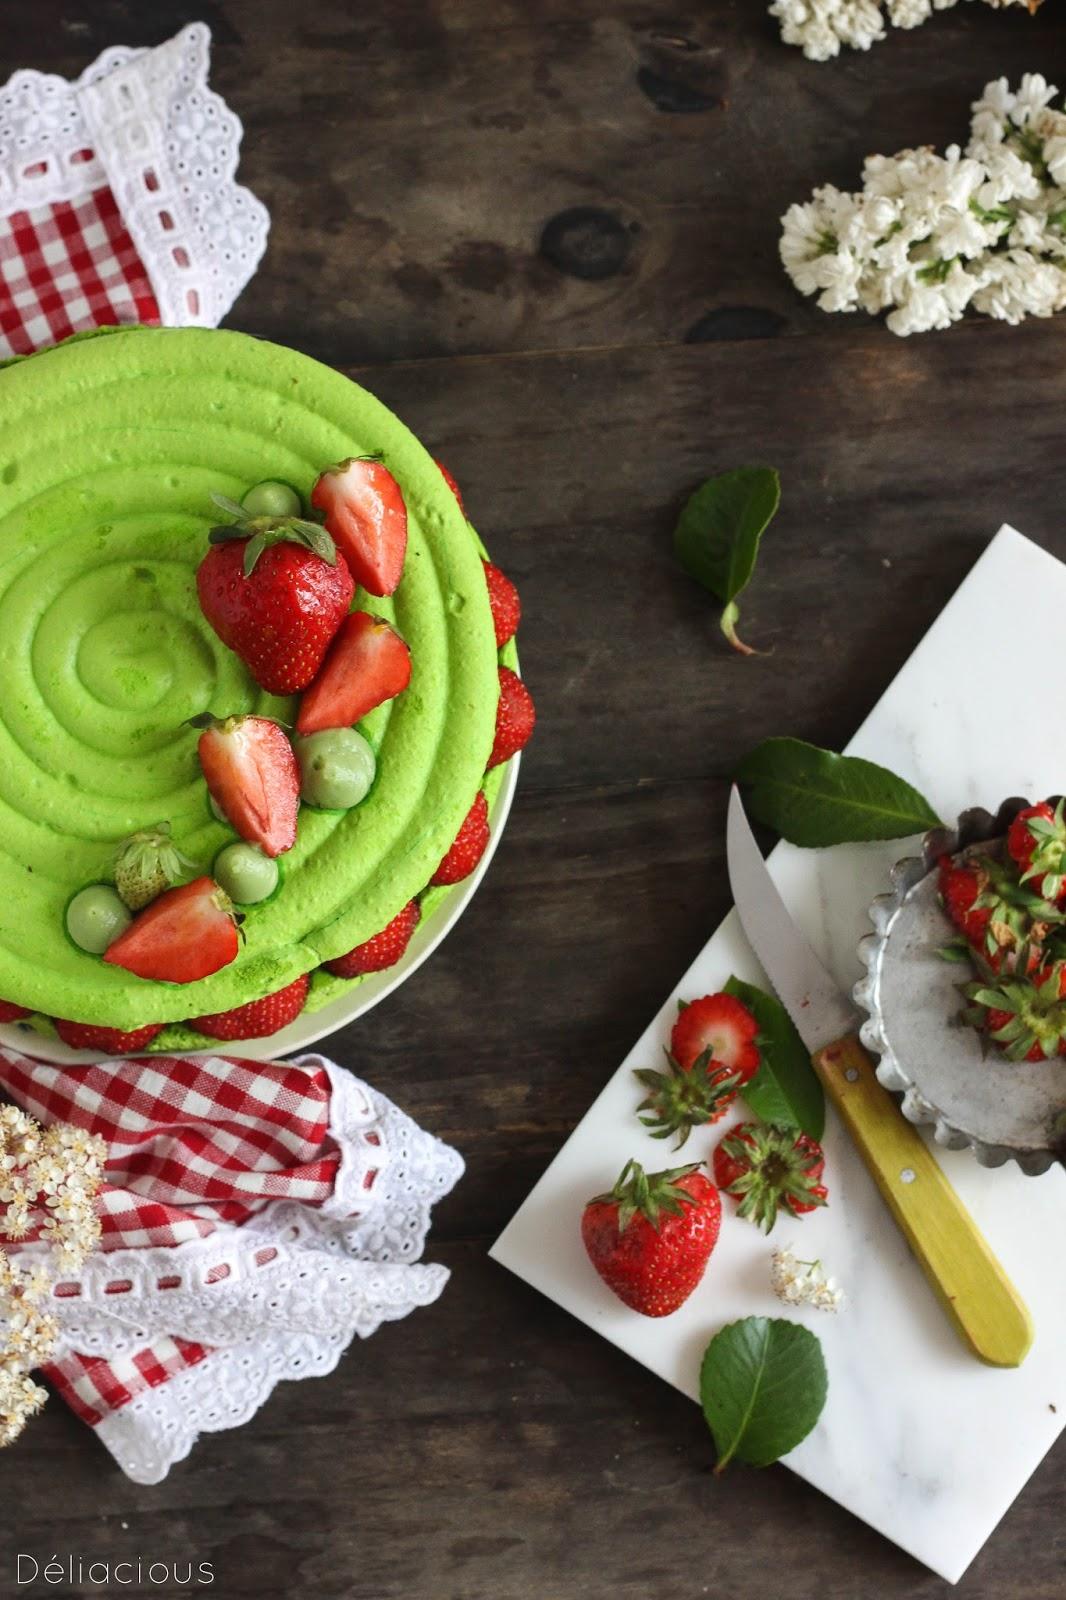 Recette Glace Pistache Sans Oeufs macaron fraise et pistache [vegan]